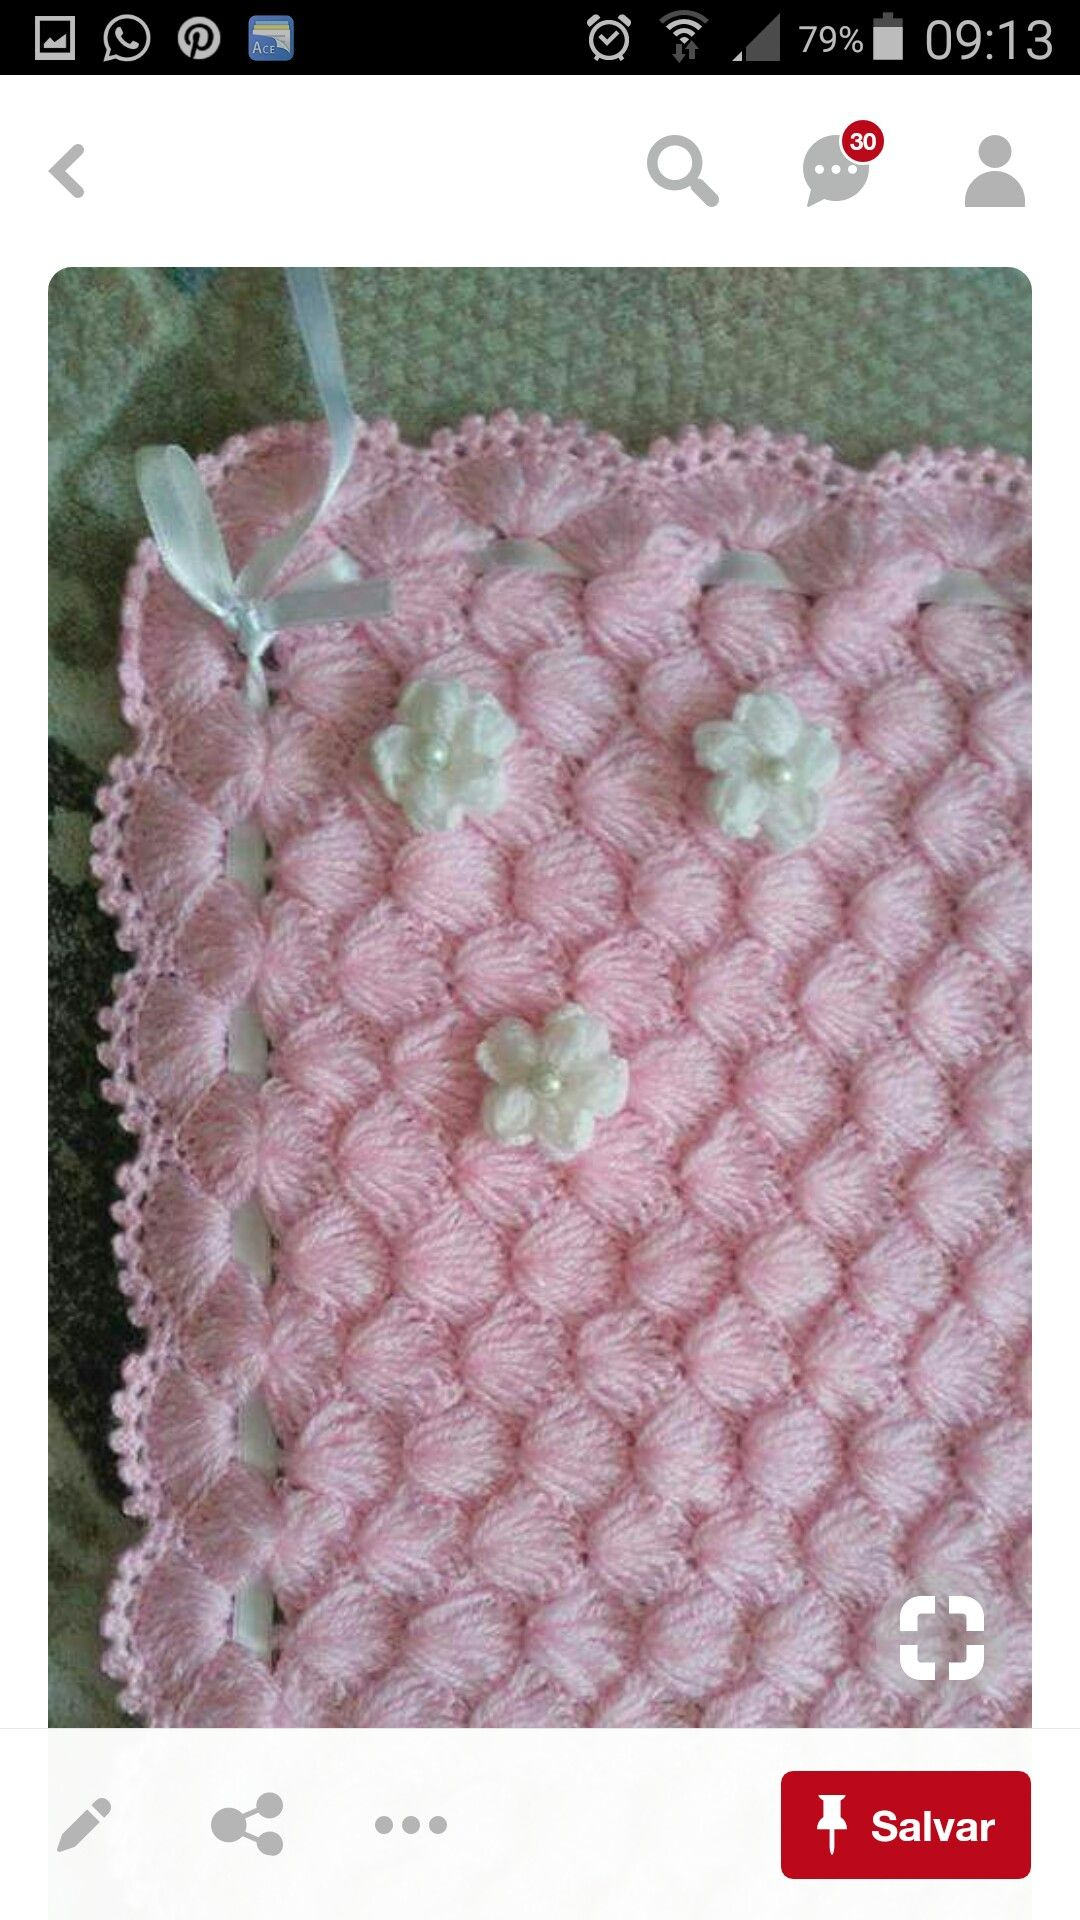 Pin de cornelia groenewald en Crochet hekel | Pinterest | Cosas de ...